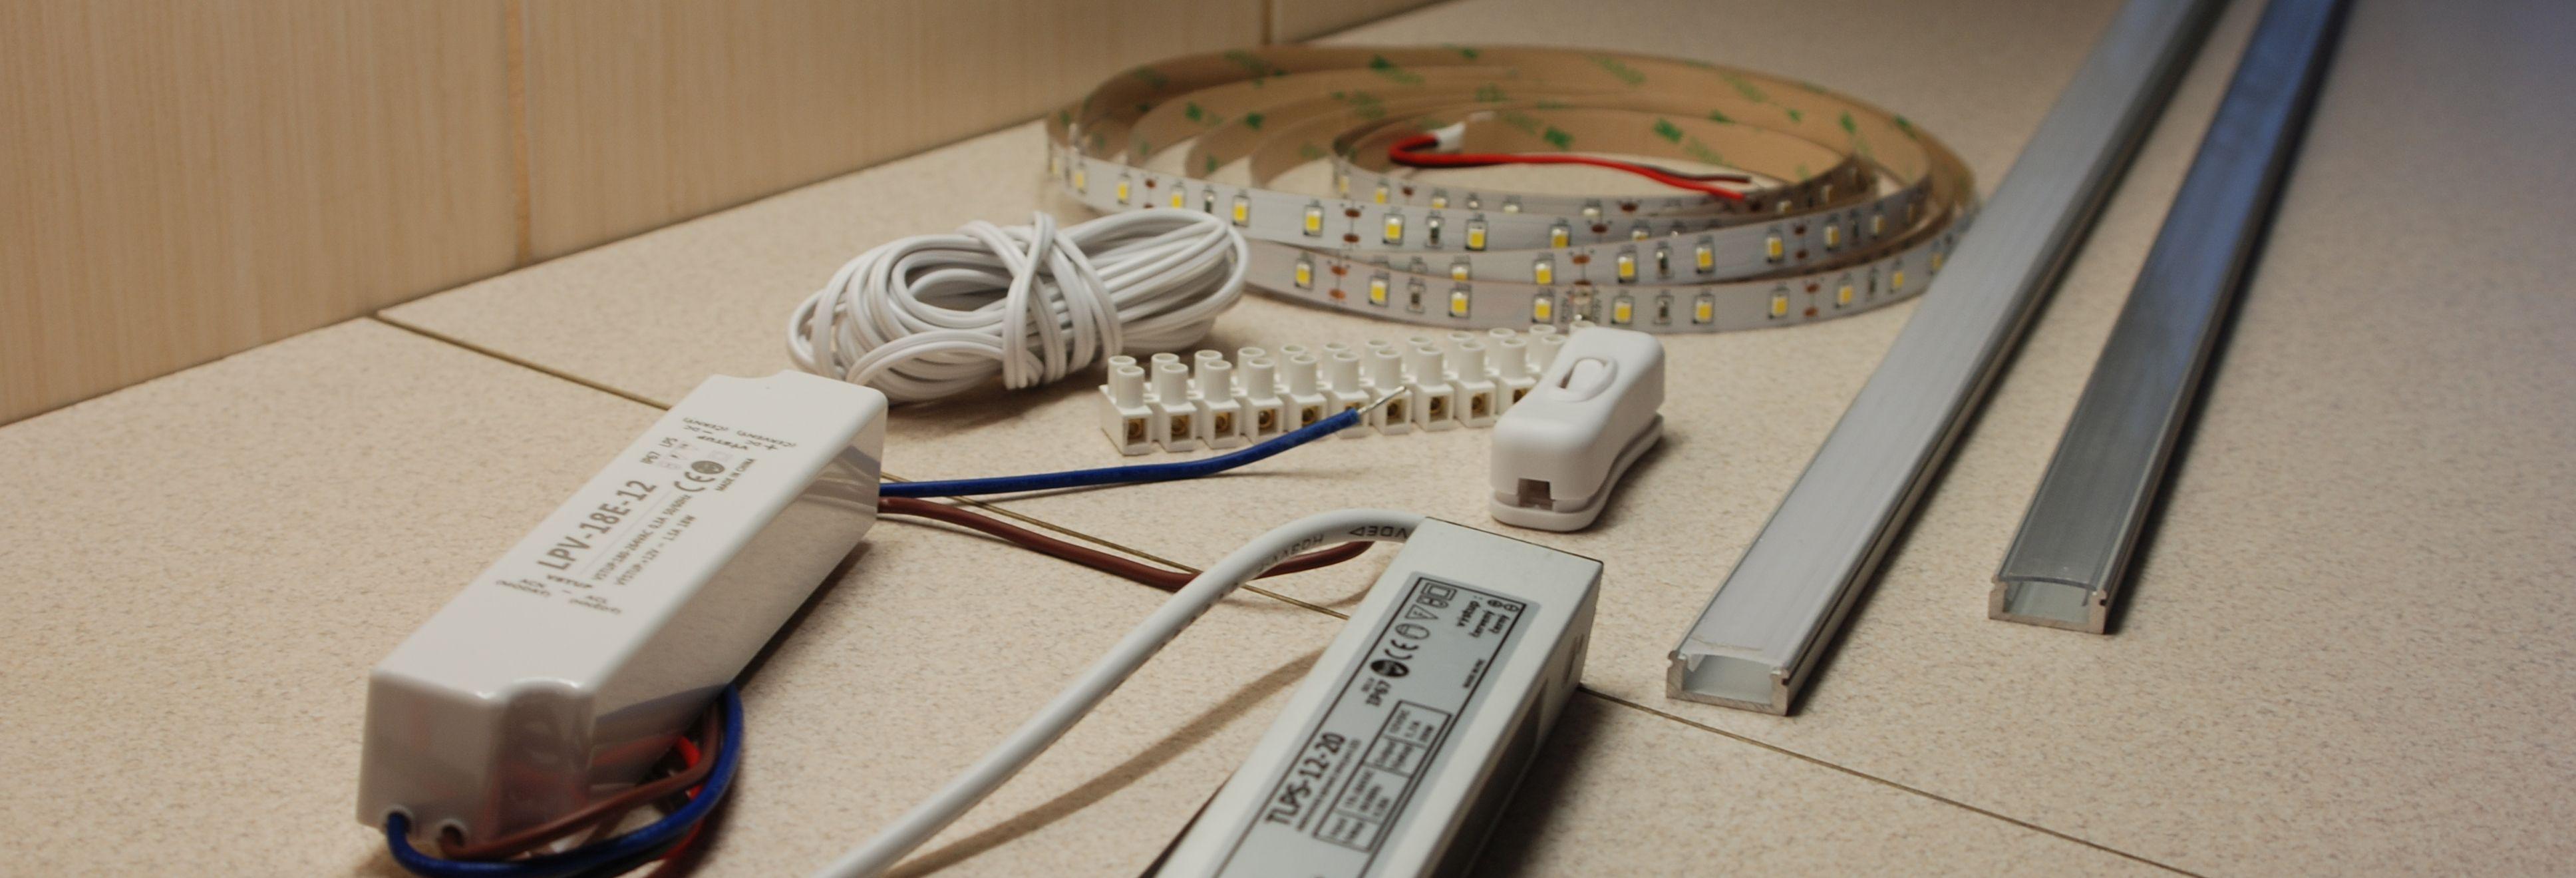 LED pásek pod kuchyňskou linku  39758ec5a3